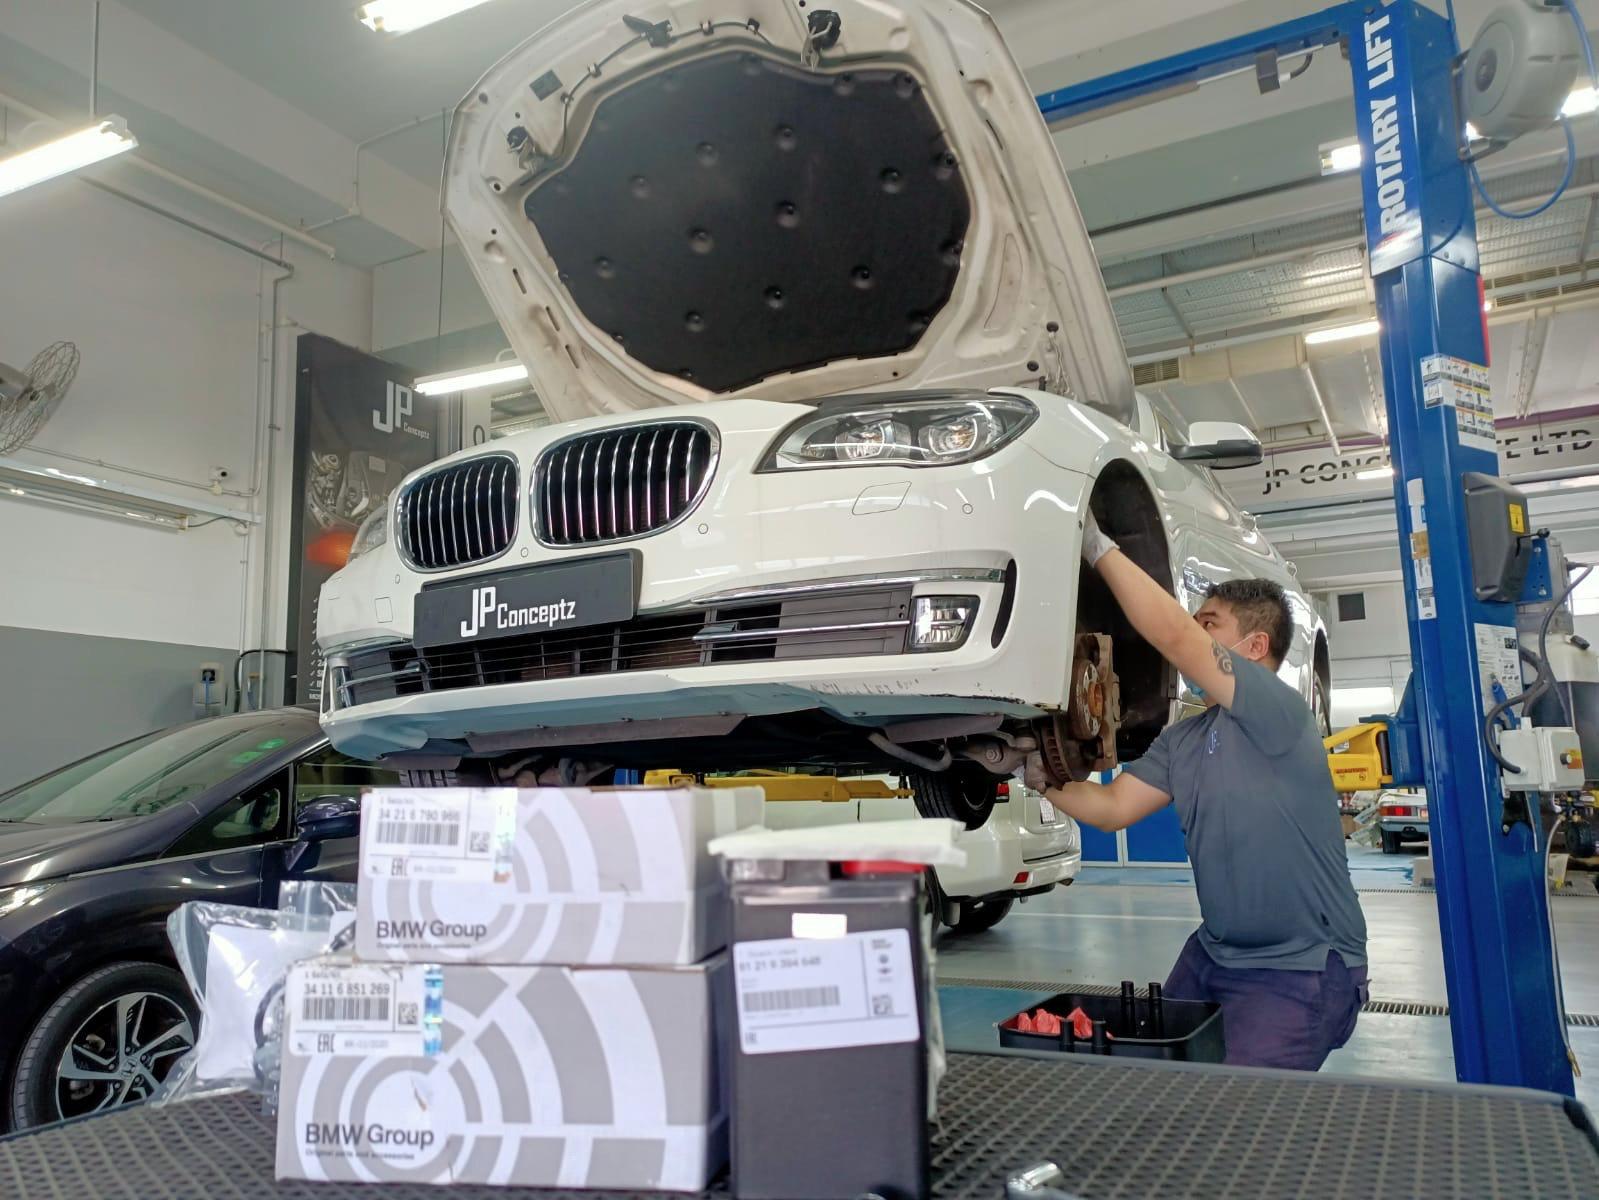 Vehicle Maintenance / Repairs